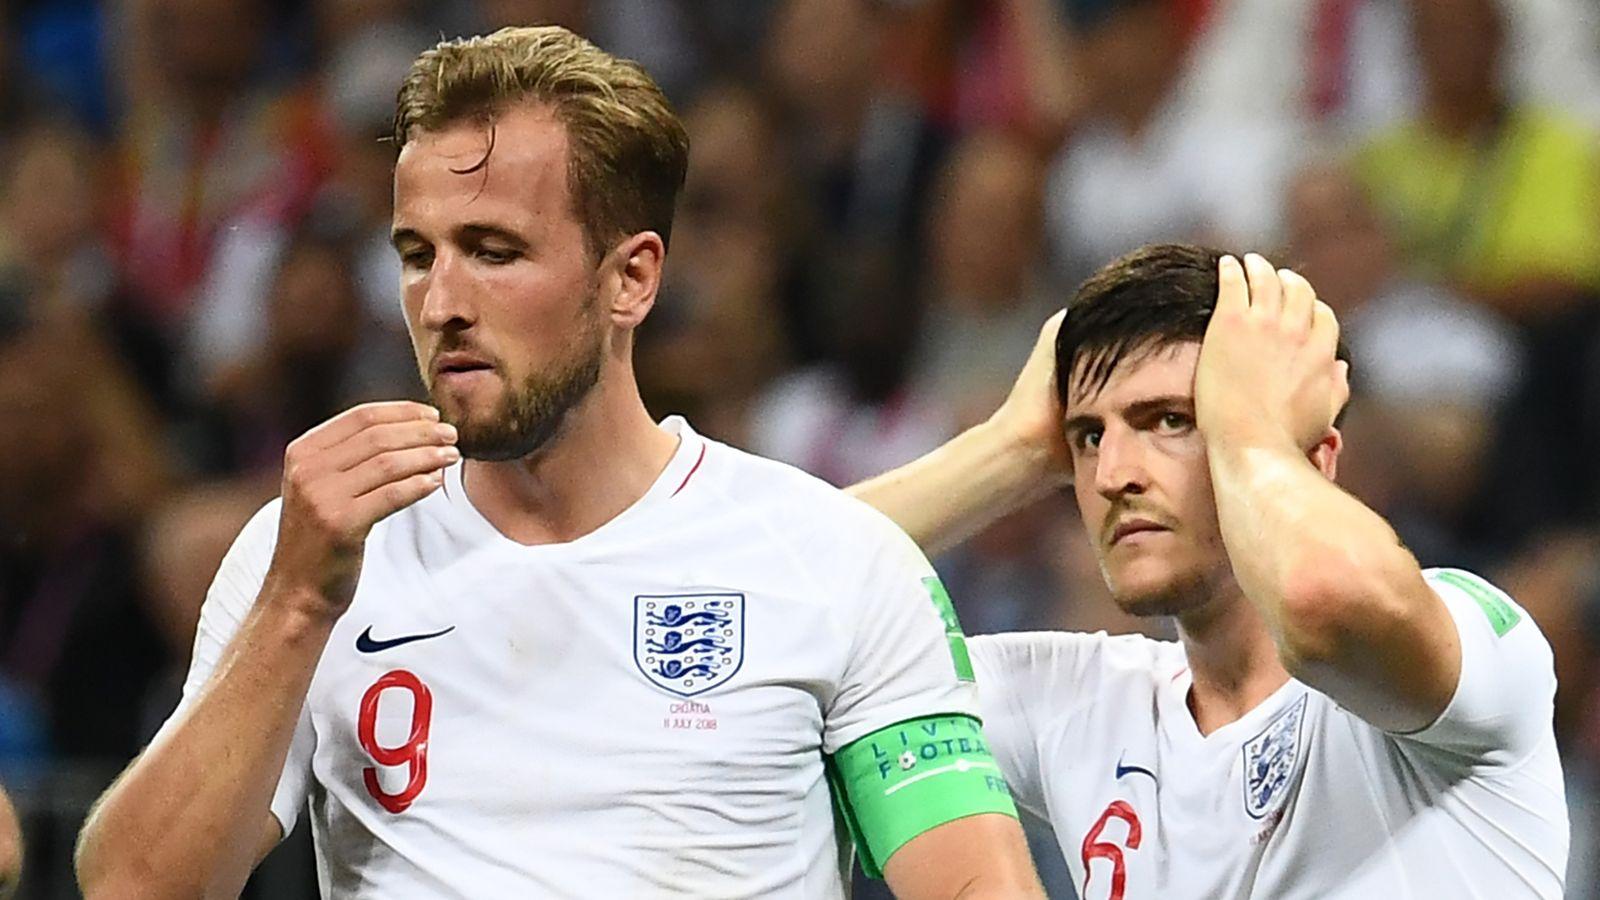 Trận đấu của Anh và Iceland được diễn ra hay không, quyết định phụ thuộc vào chính phủ Anh